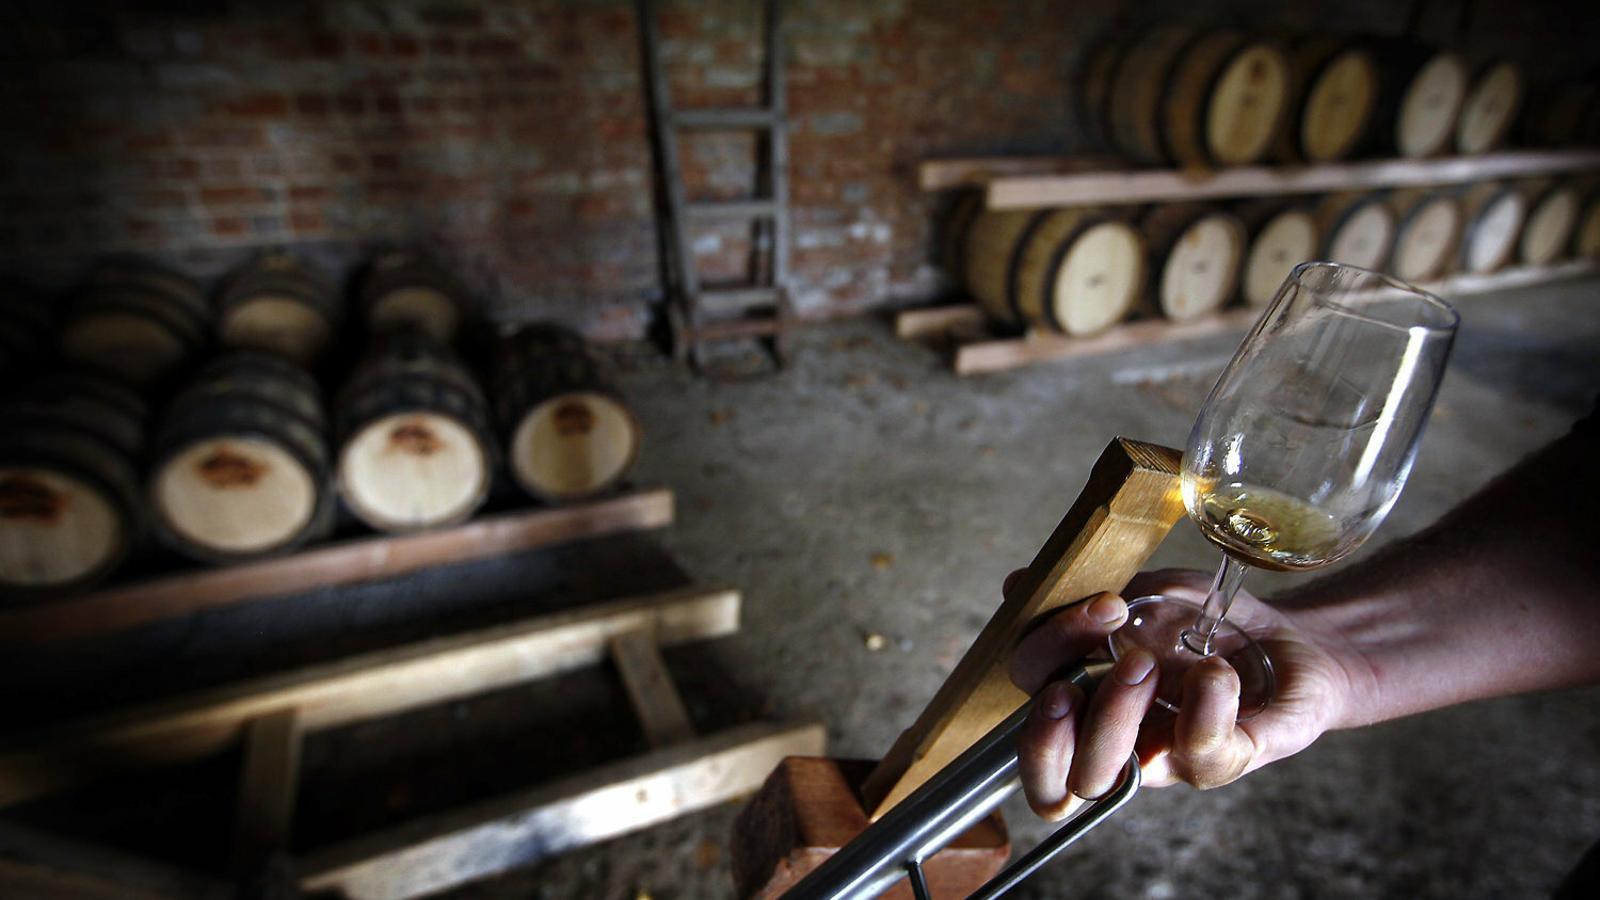 A dalt, una destil·leria de Tasmània. A baix, diversos whiskys fets en aquesta regió australiana.